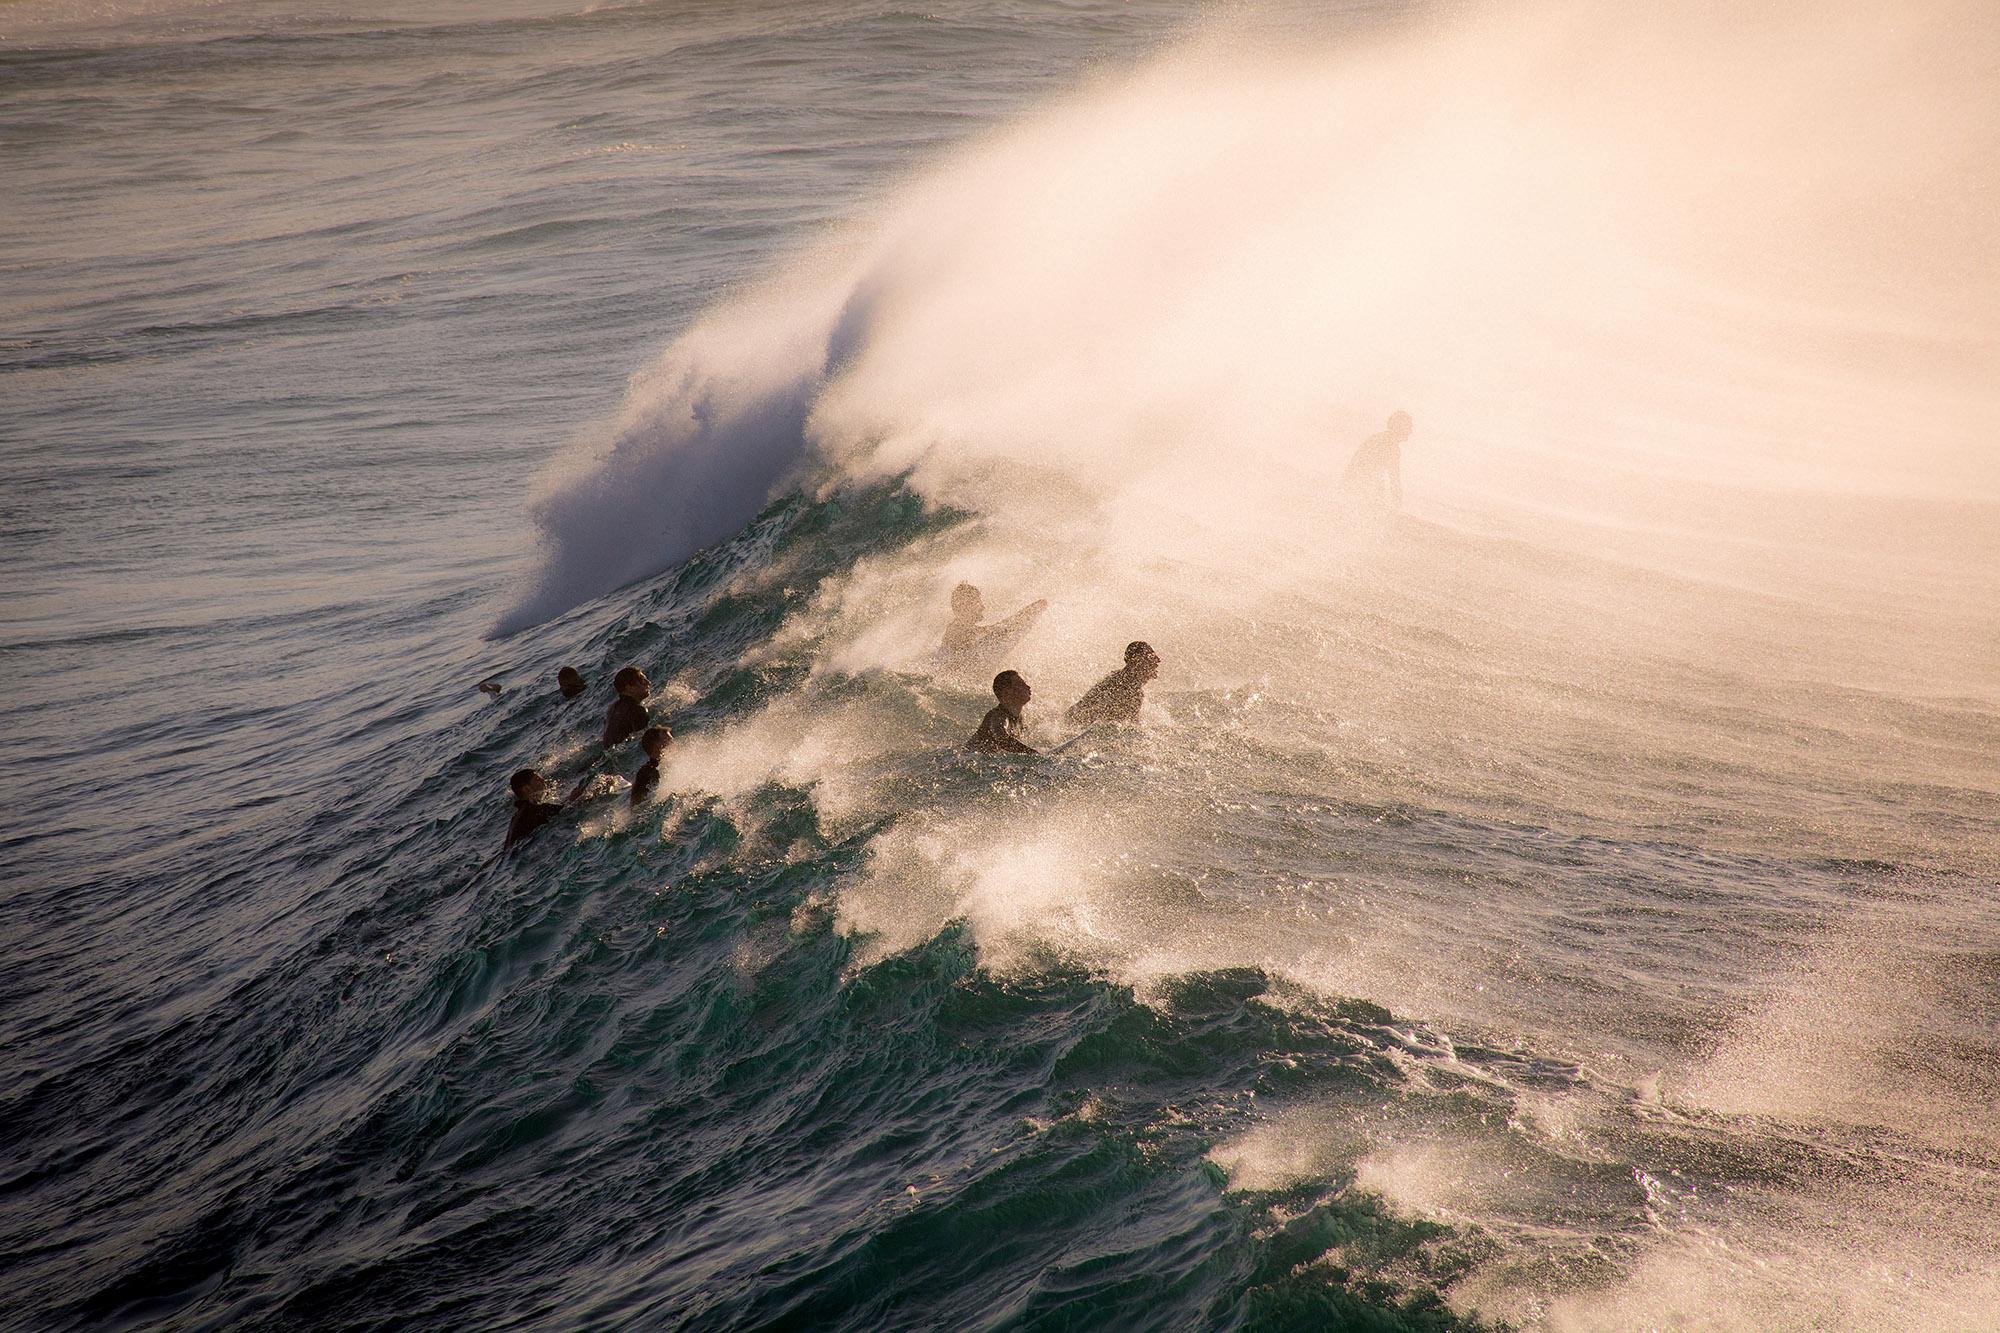 Photographie de voyage par Alexander Smiley de surfeurs équitation vagues à Bronte Beach, Australie